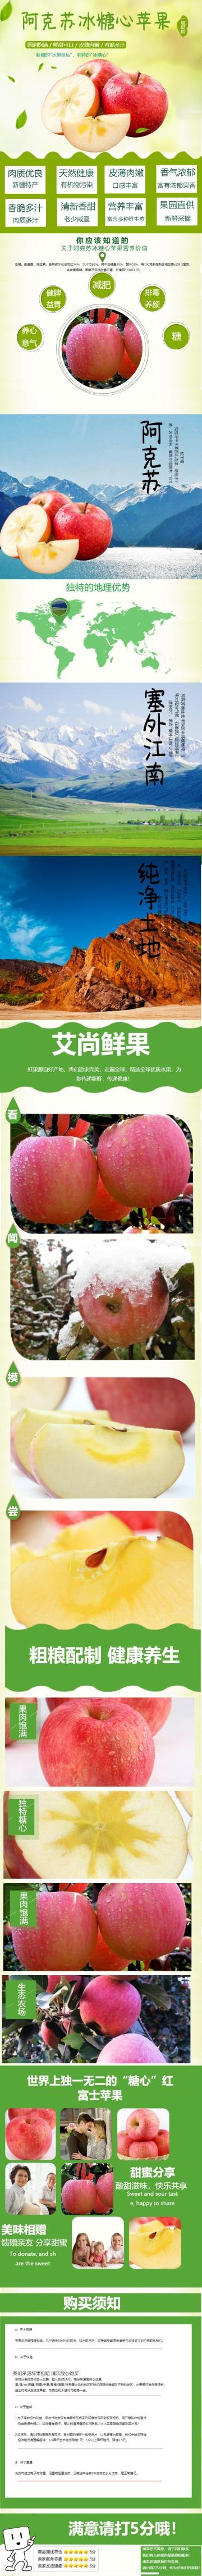 清新简约百货零售生鲜水果促销电商商品详情页